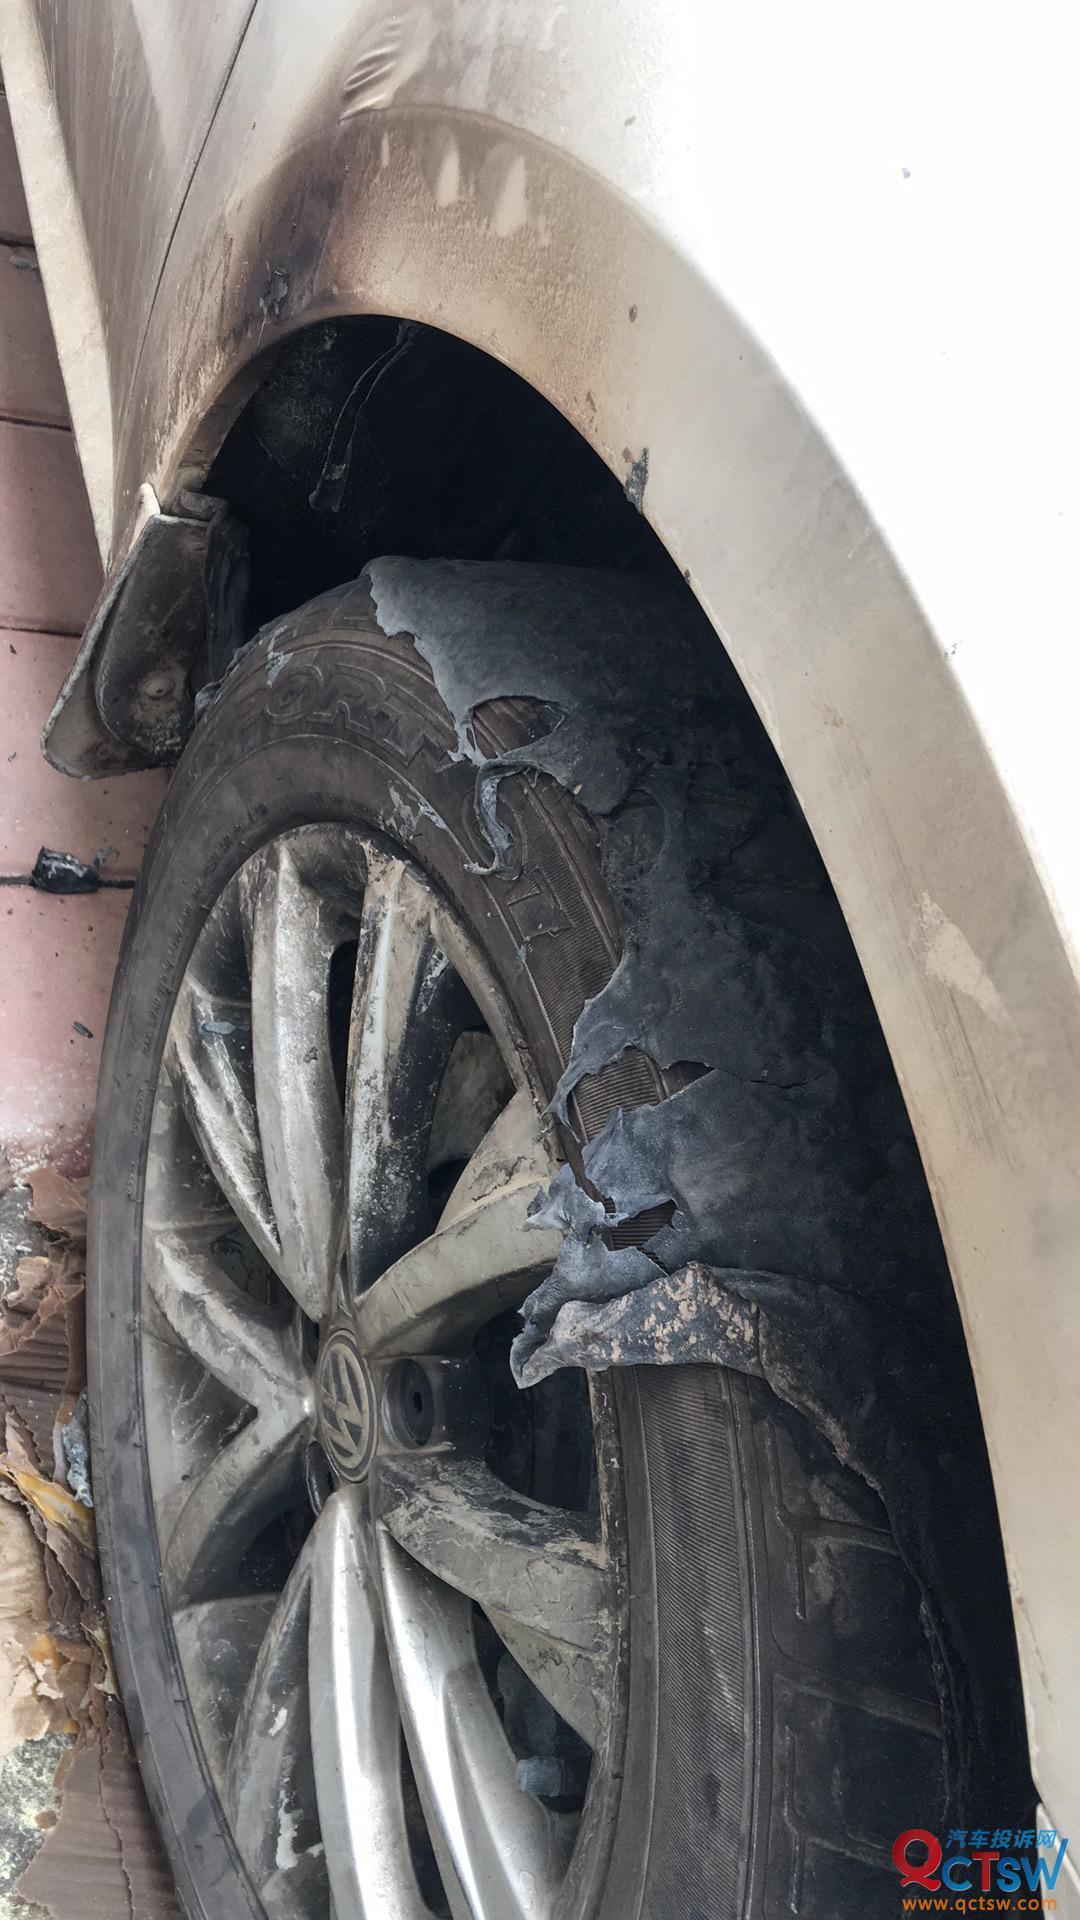 大众-朗逸 车辆在静置状态下自燃,厂家拒绝承认车辆质量问题